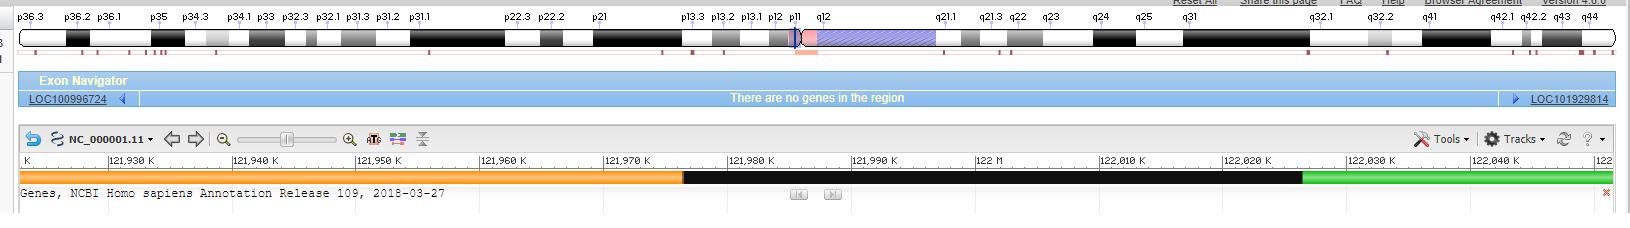 Genome Data Viewer